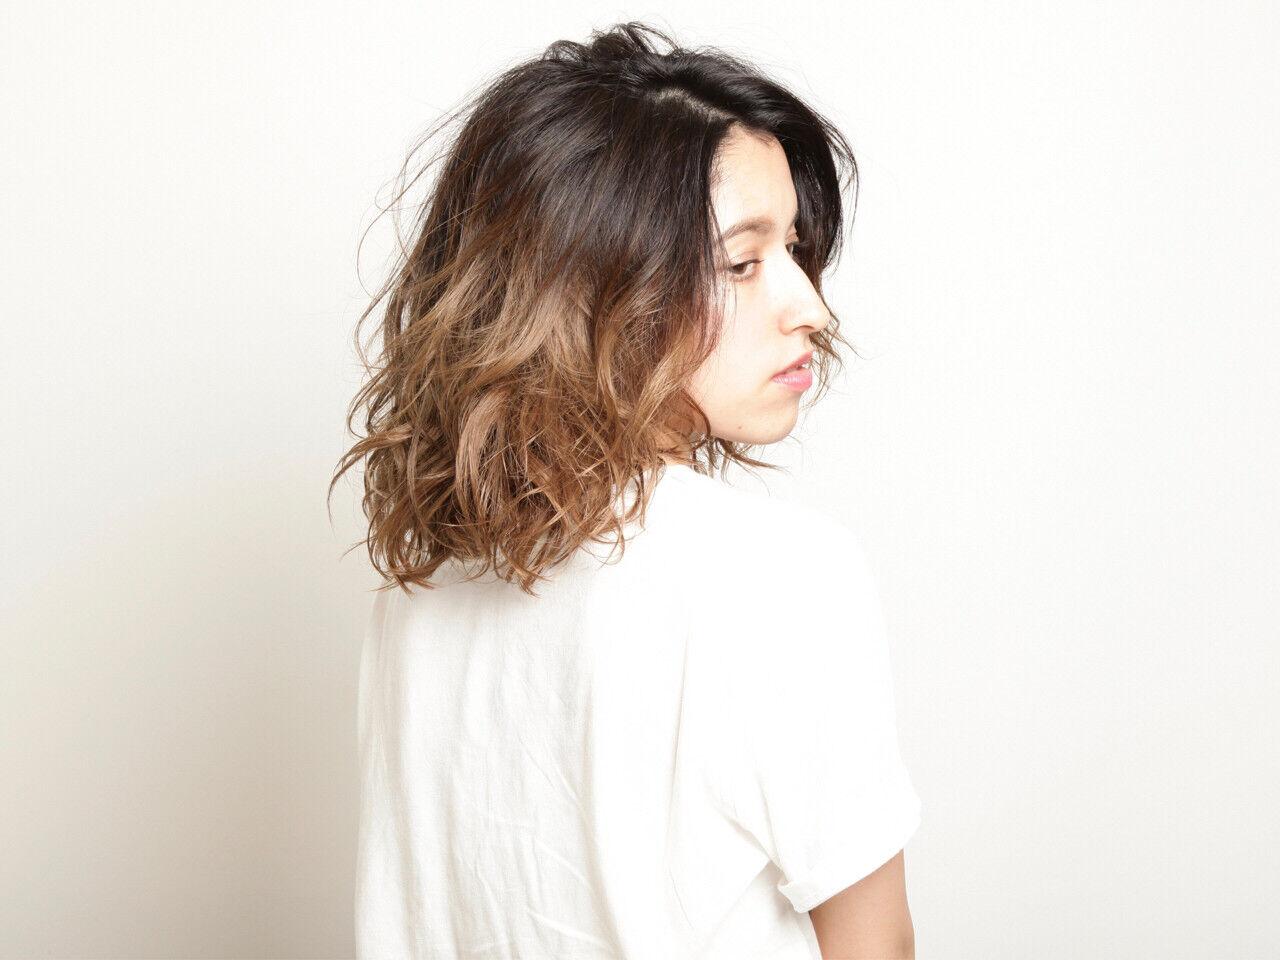 モード 前髪なし セミロング パーマヘアスタイルや髪型の写真・画像